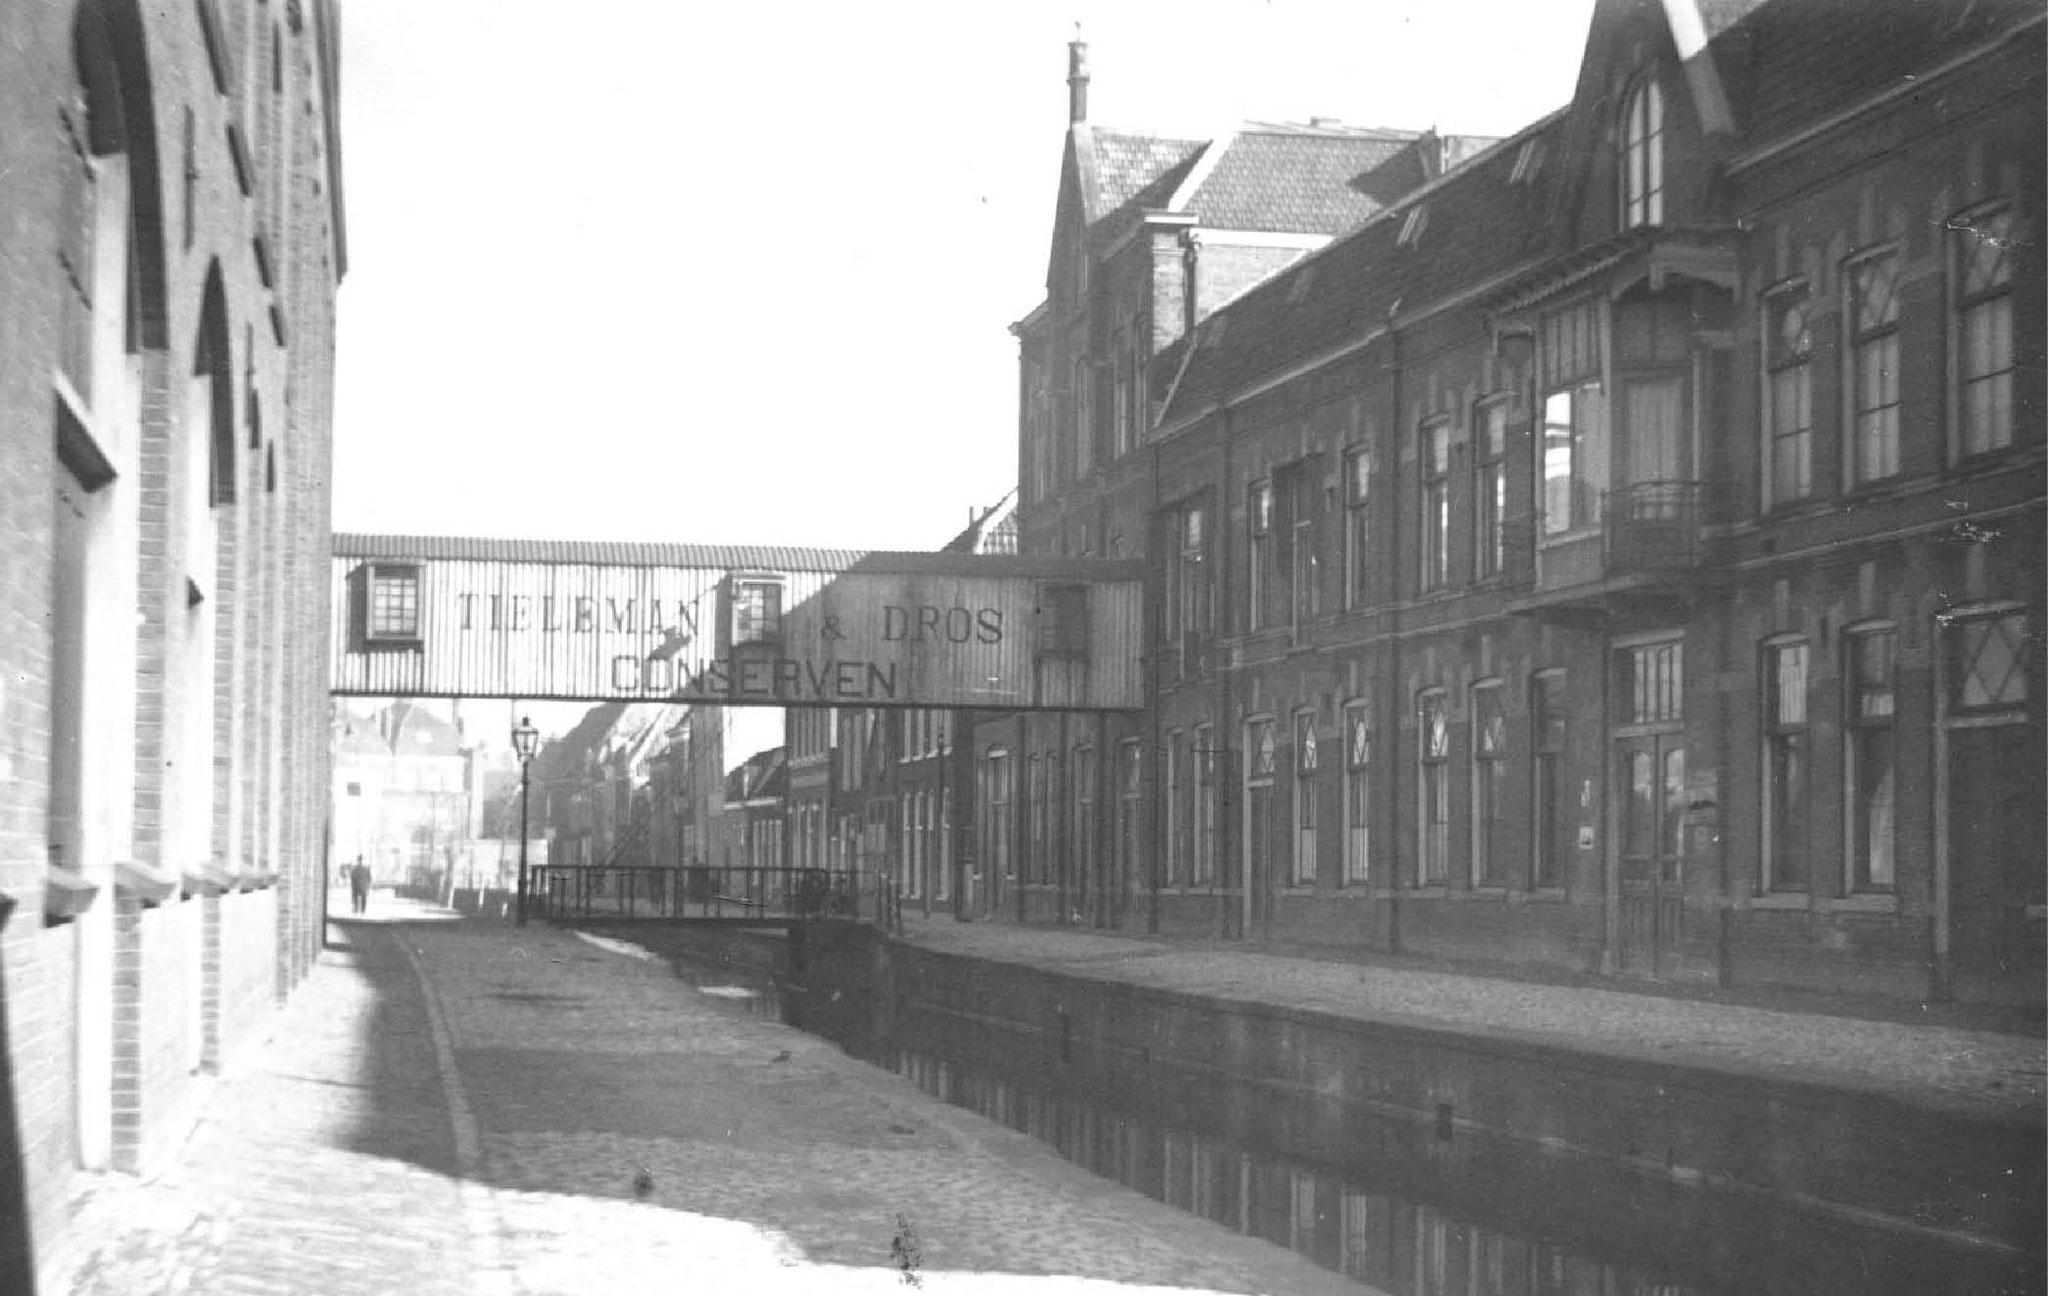 Tieleman & Dros conserven - industrie. In de jaren 70 was er veel industrie aan de Middelstegracht. Hier is  goed te zien hoe de gracht vroeger liep